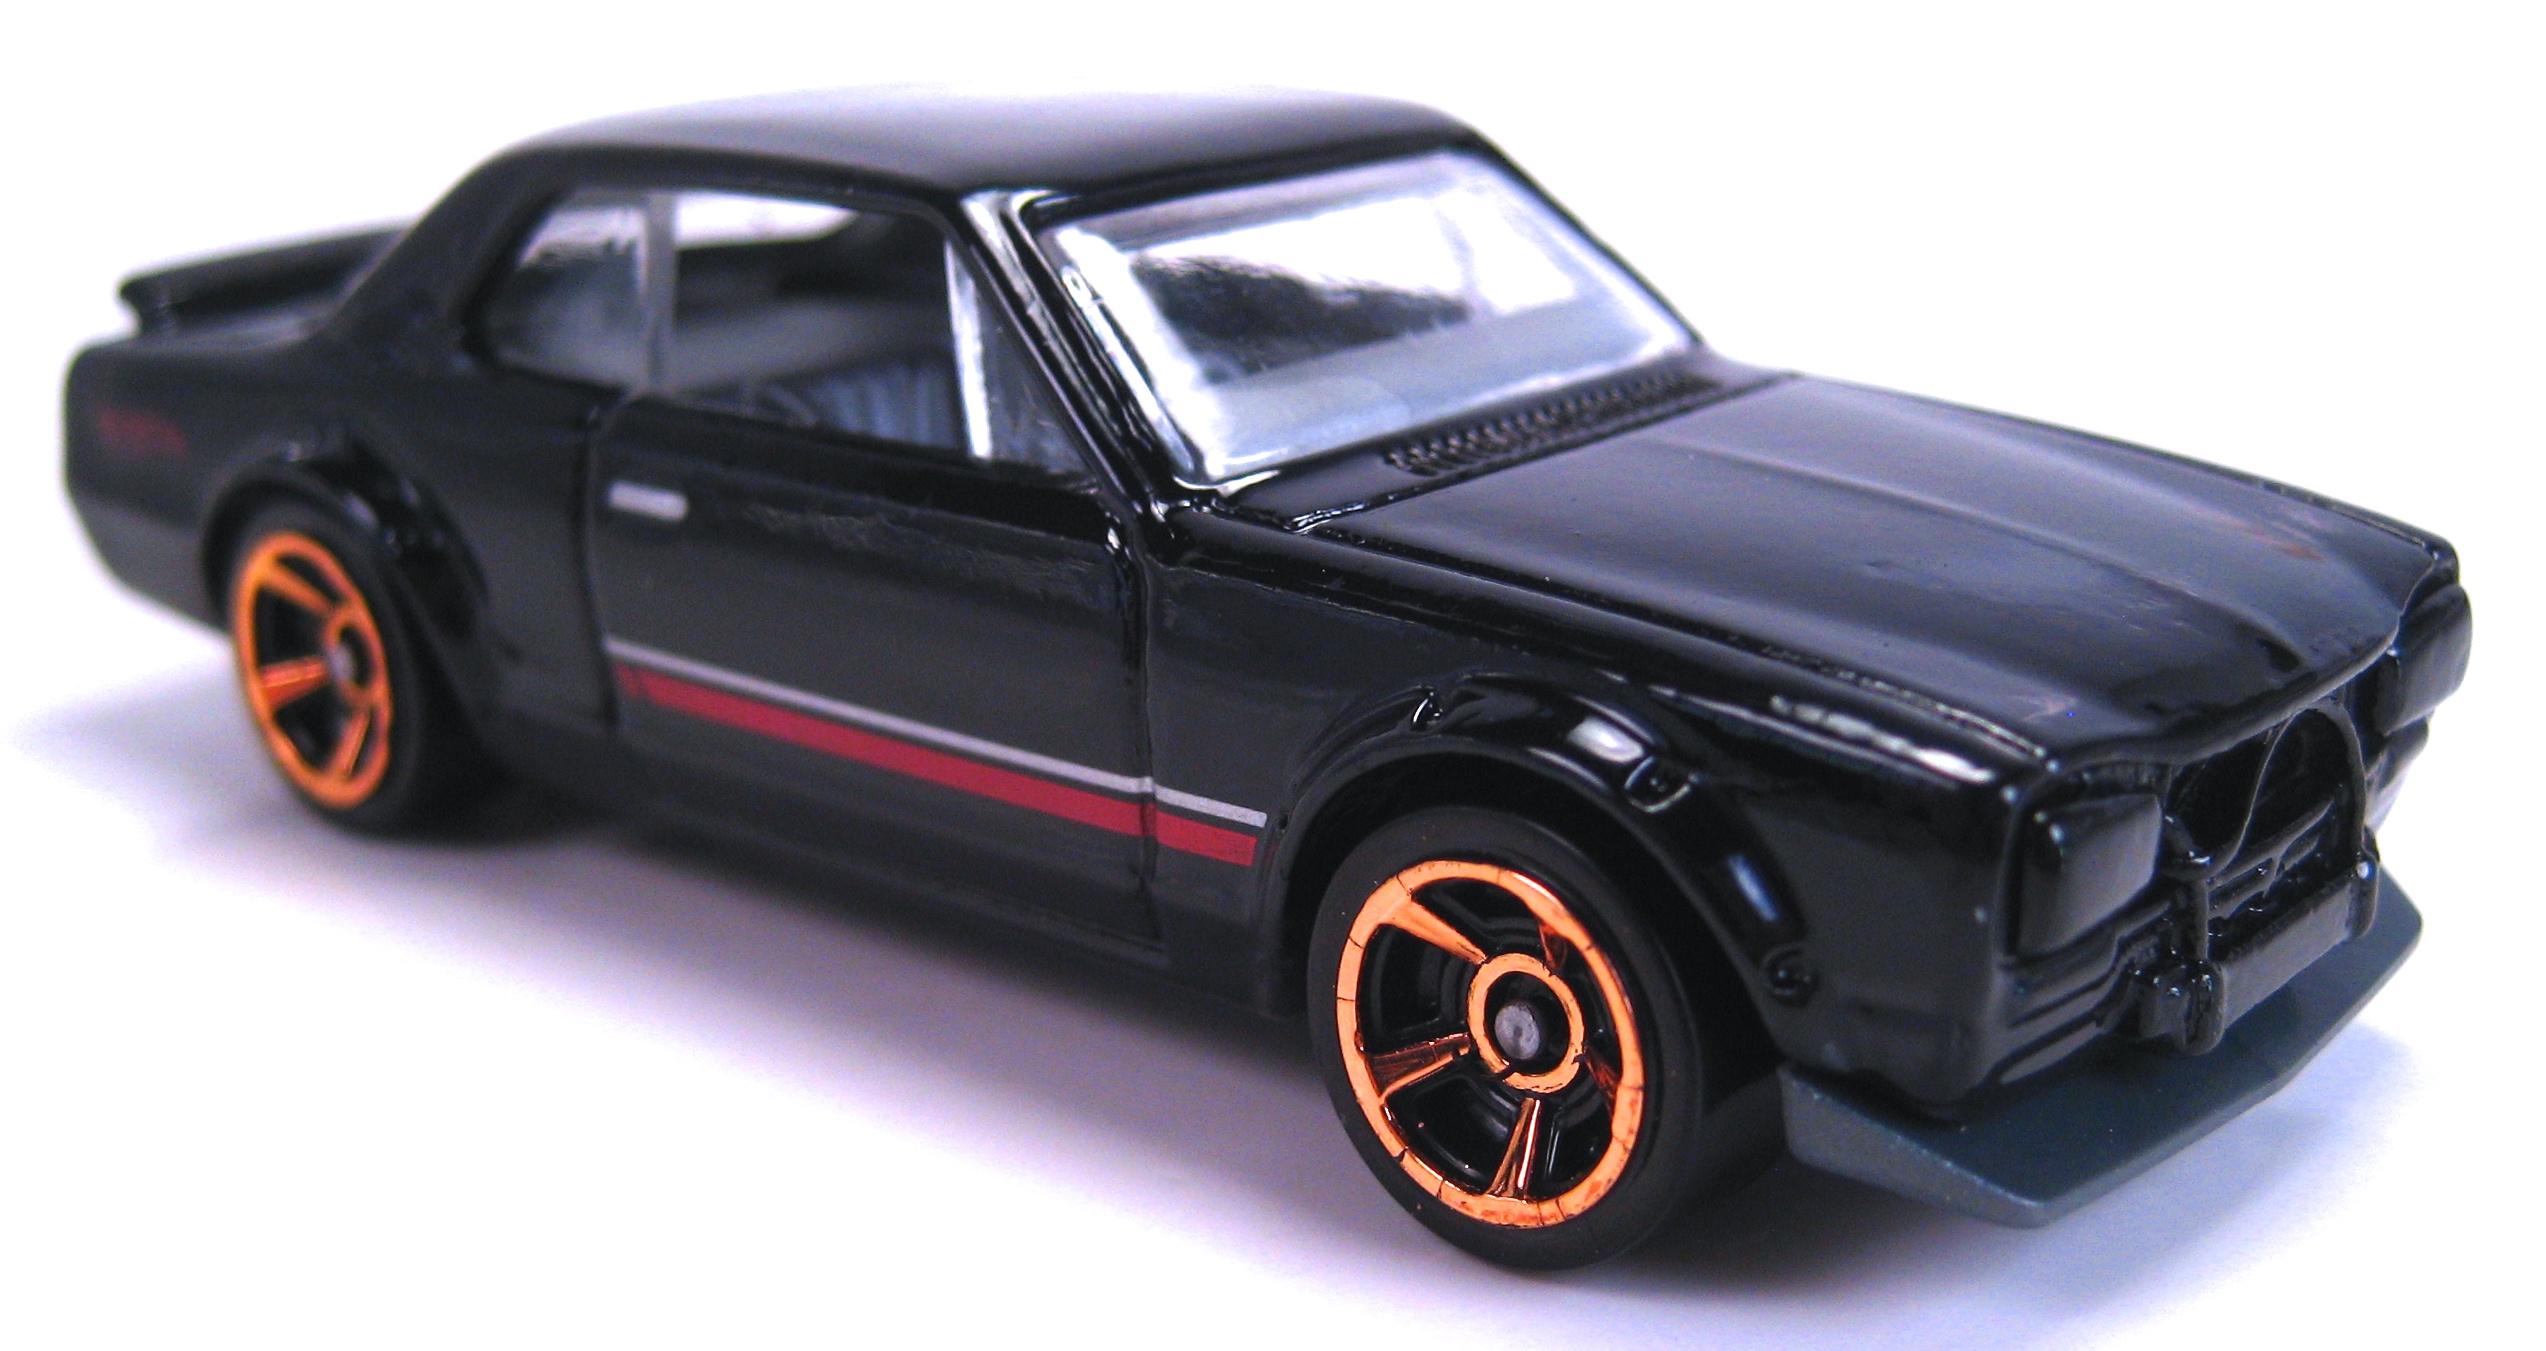 Nissan Skyline H T 2000gt X Hot Wheels Wiki Fandom Powered By Wikia Hotwheels 82 R30 Silver Versions The